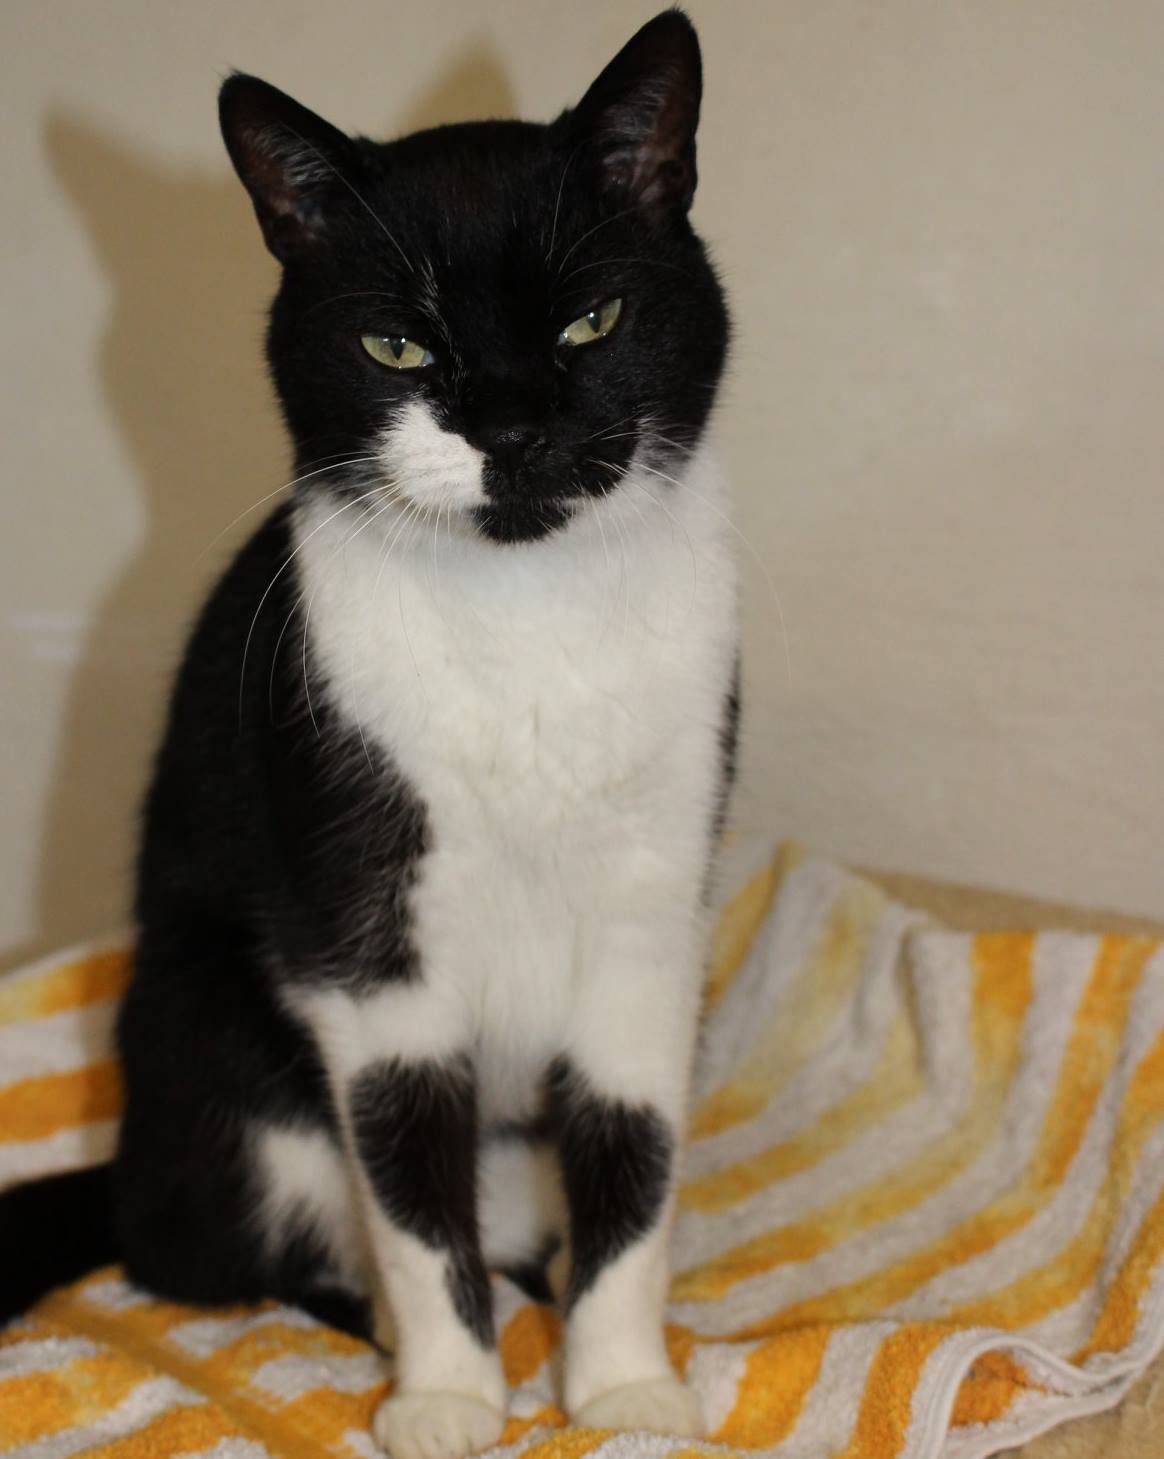 schwarz-weißer Kater sitzt auf einem Handtuch